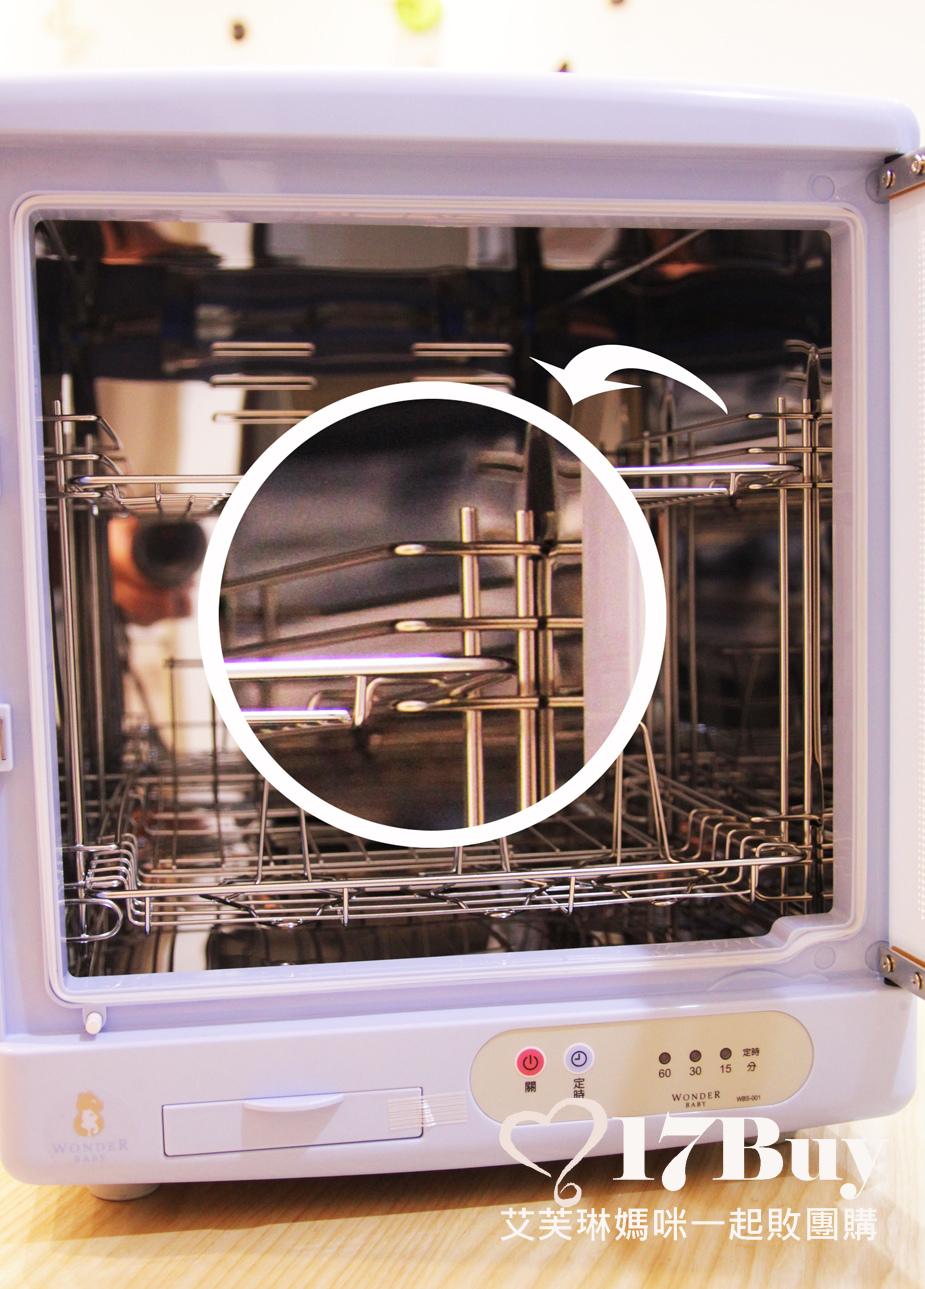 紫外線專業級殺菌奶瓶烘碗機-10